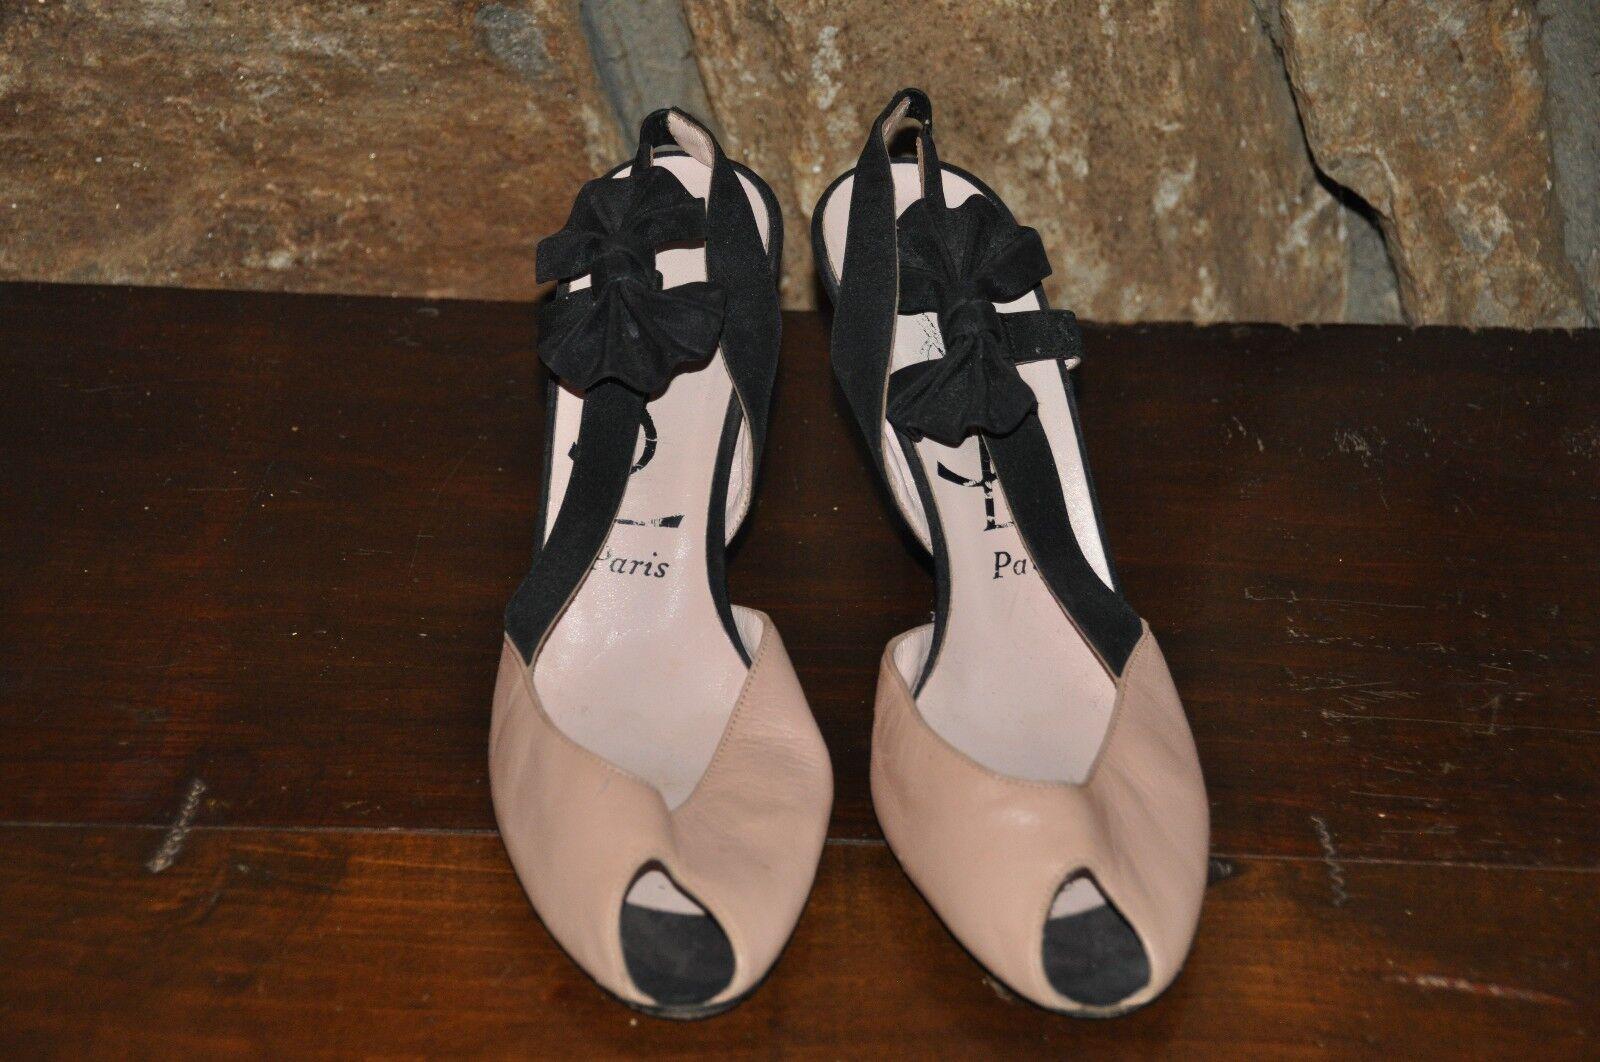 YSL Paris para Mujeres Zapatos rosado Superior Superior Superior De Cuero Puntera Abierta Arco de ESLINGA vuelta Talla EE. UU. 8M  sin mínimo